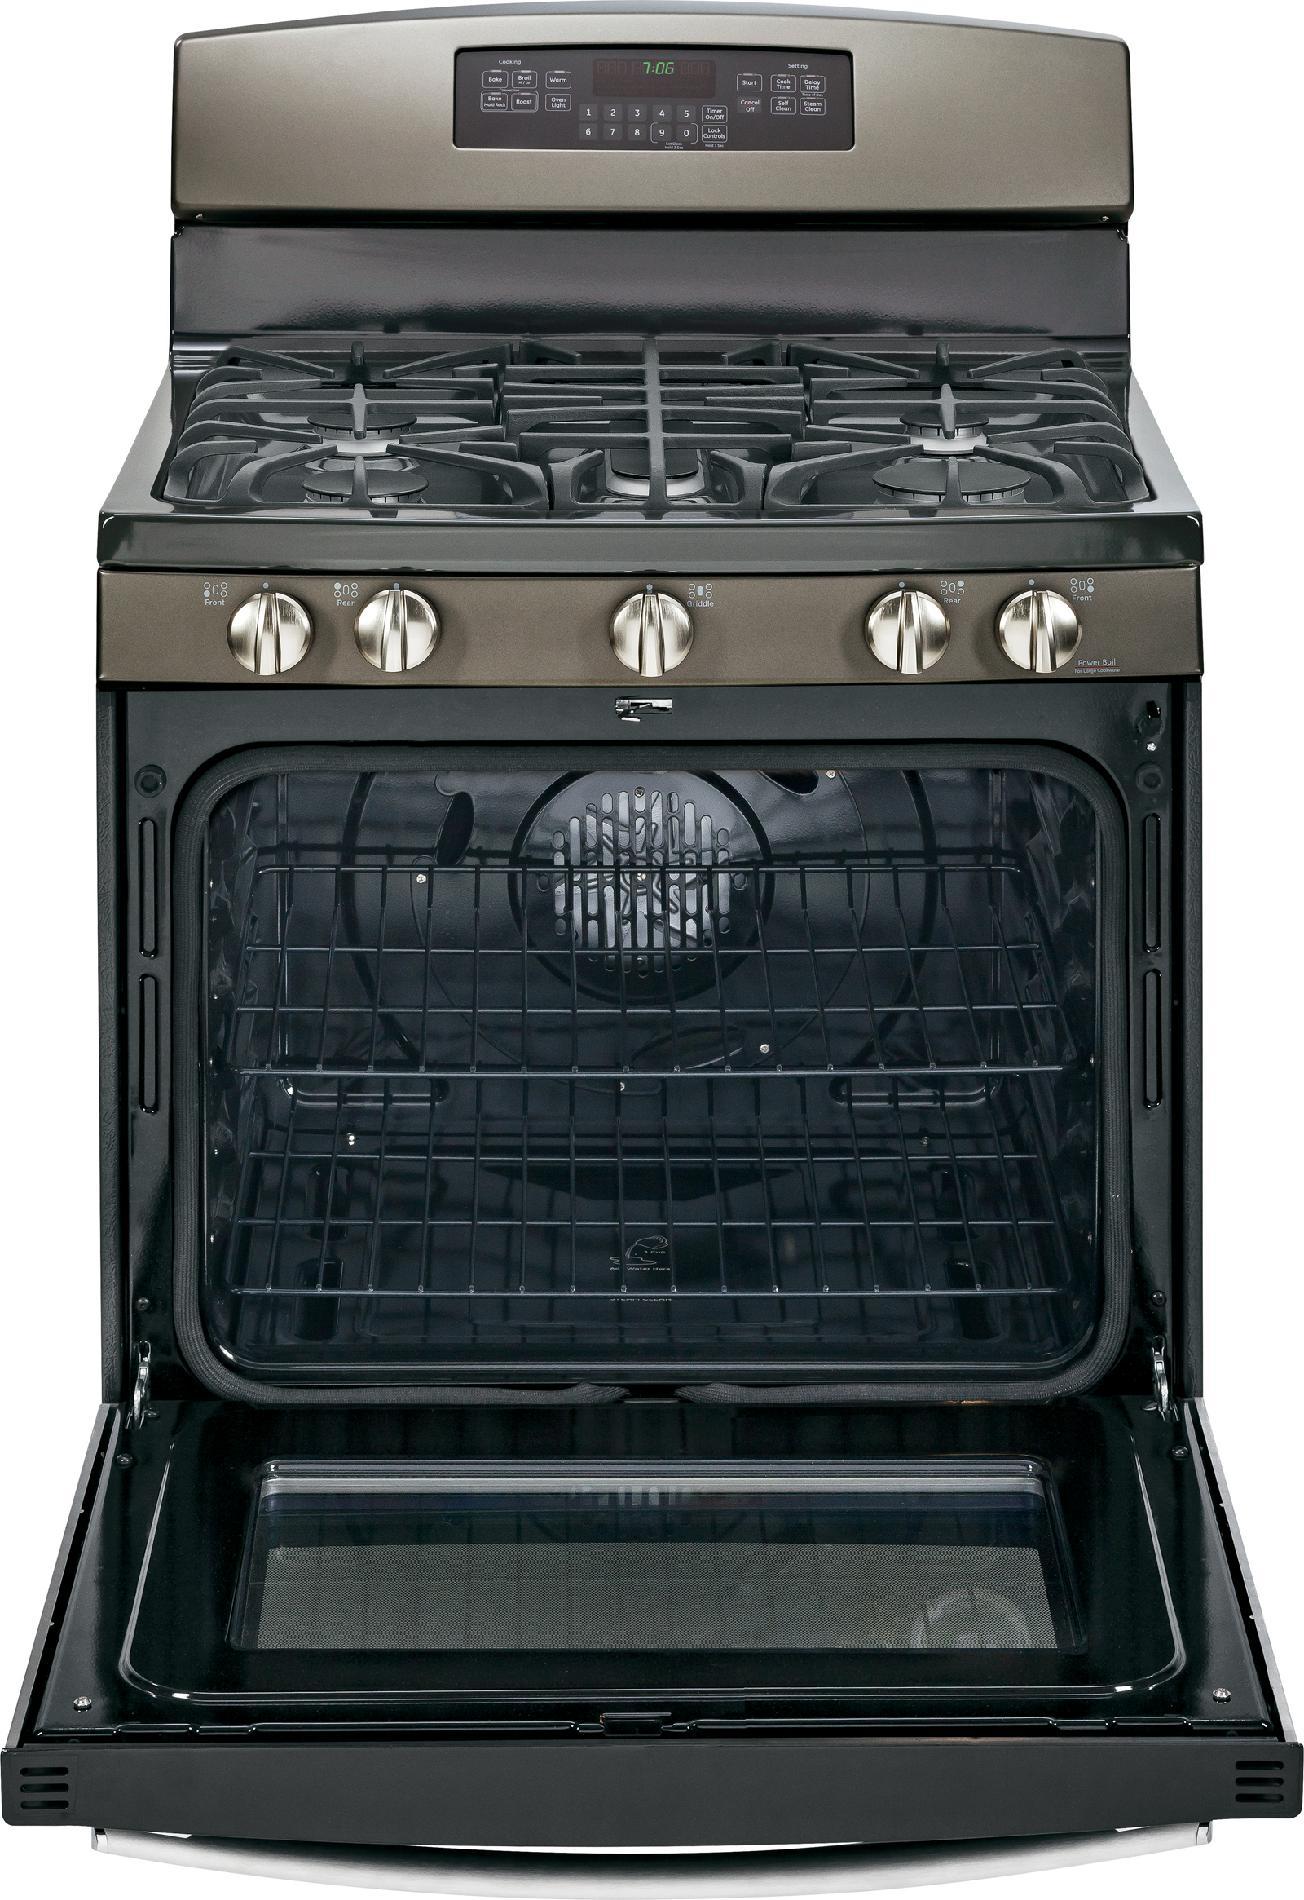 GE Appliances 5.6 cu. ft. Gas Range w/ Convection - Slate